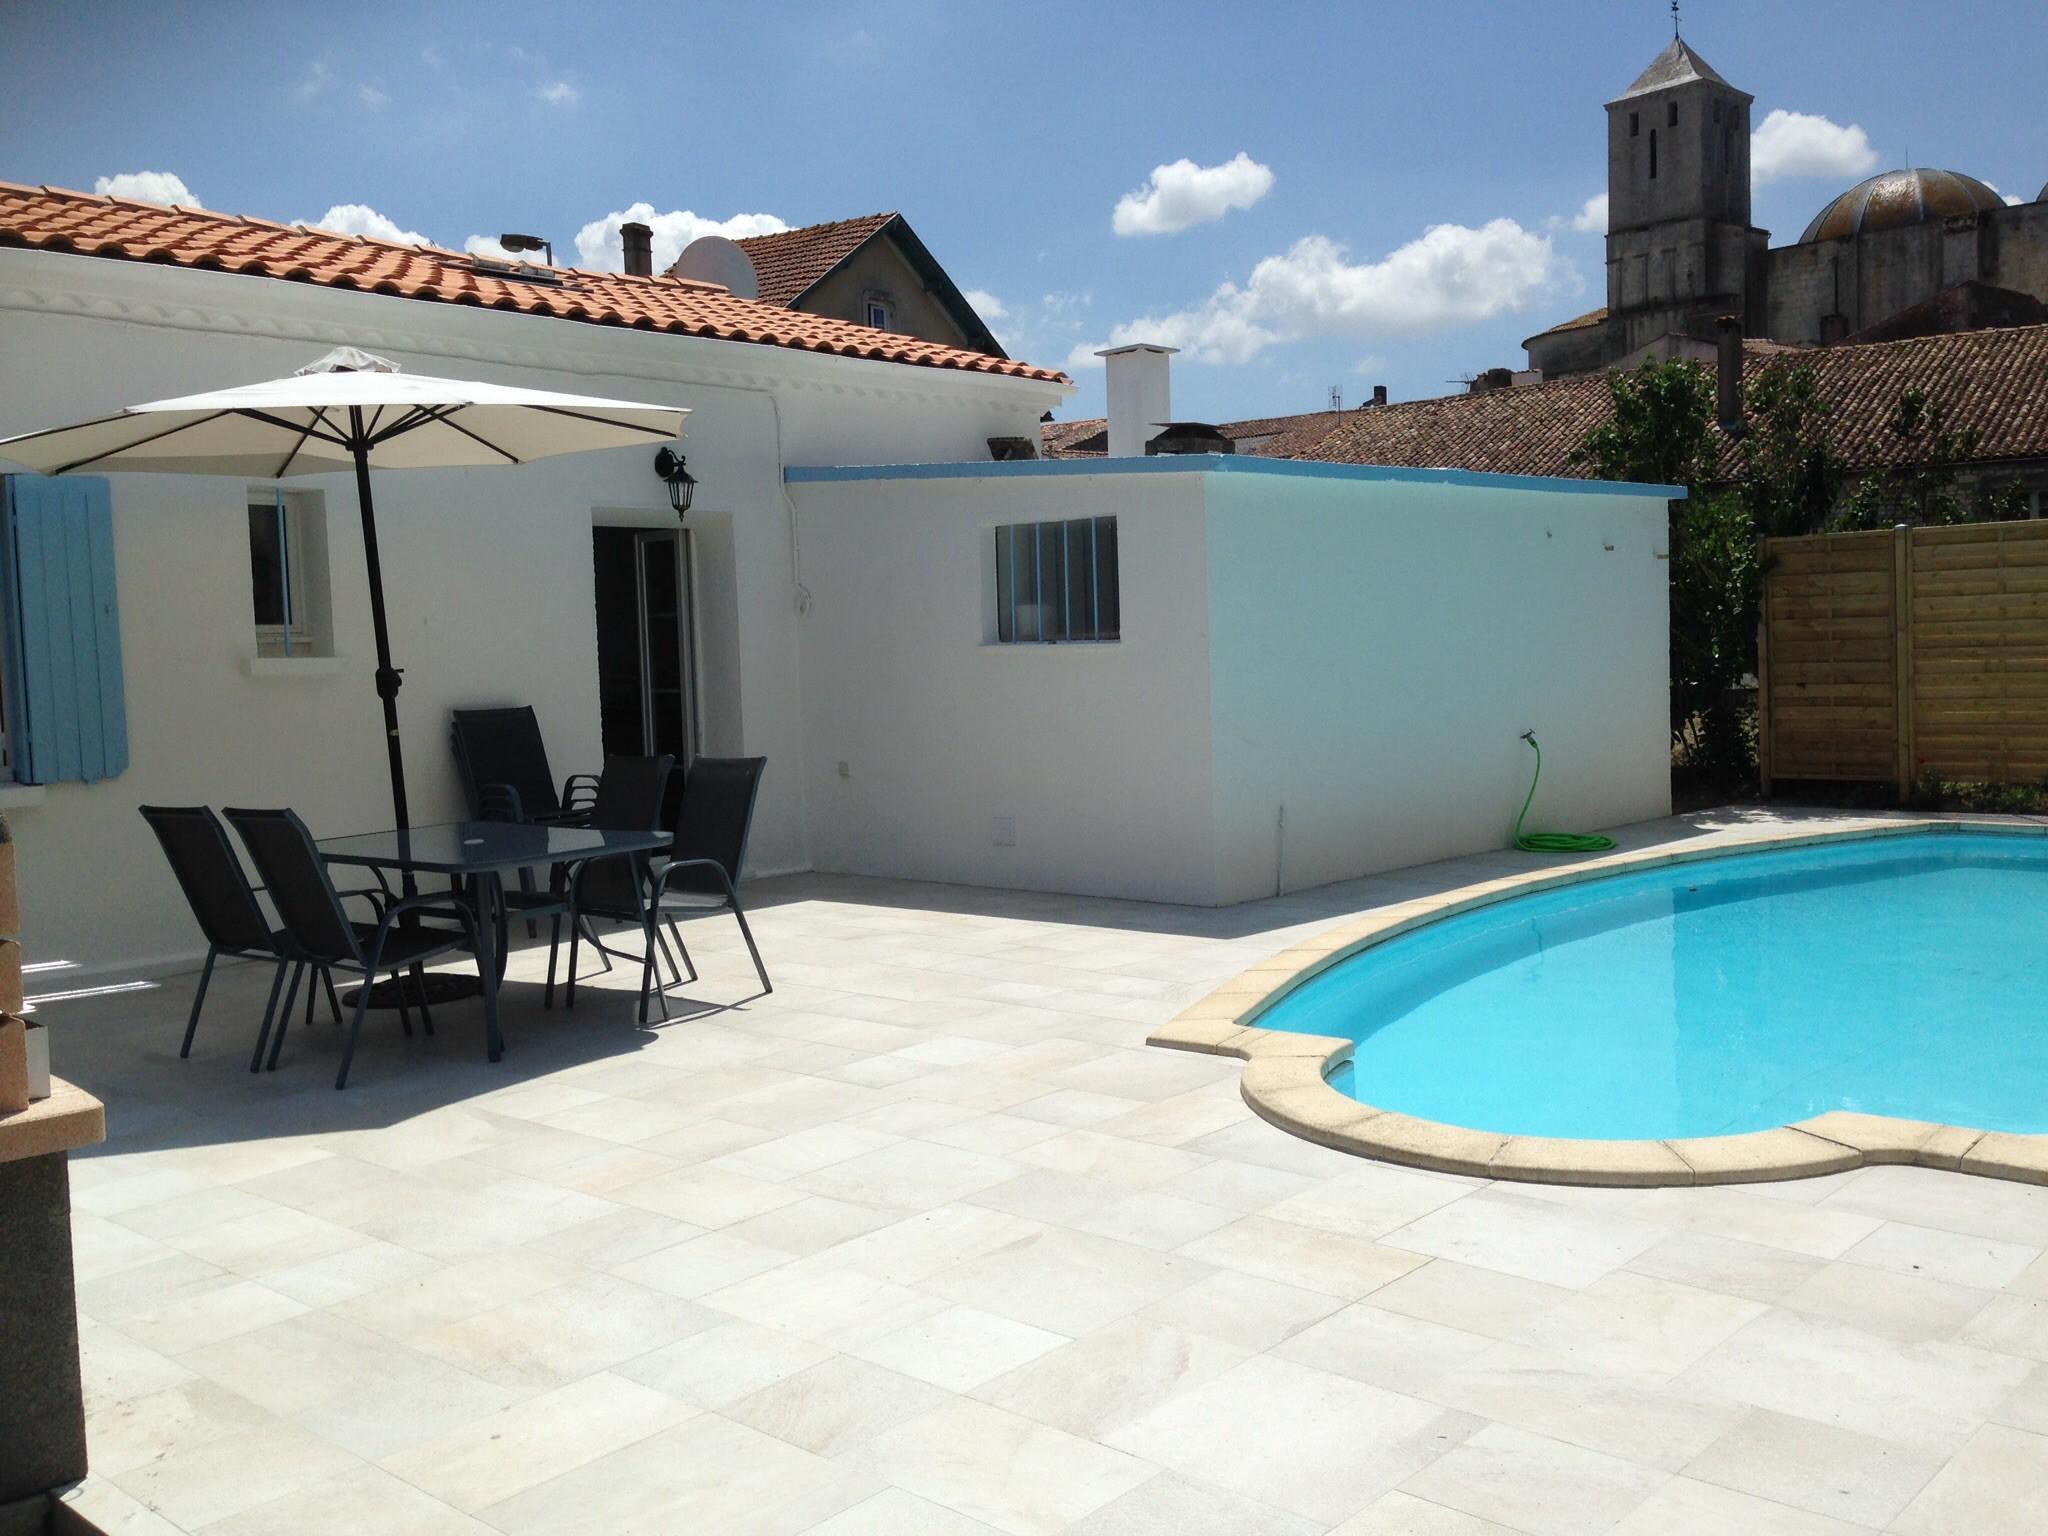 Location maison 2 personnes avec piscine for Maison location piscine